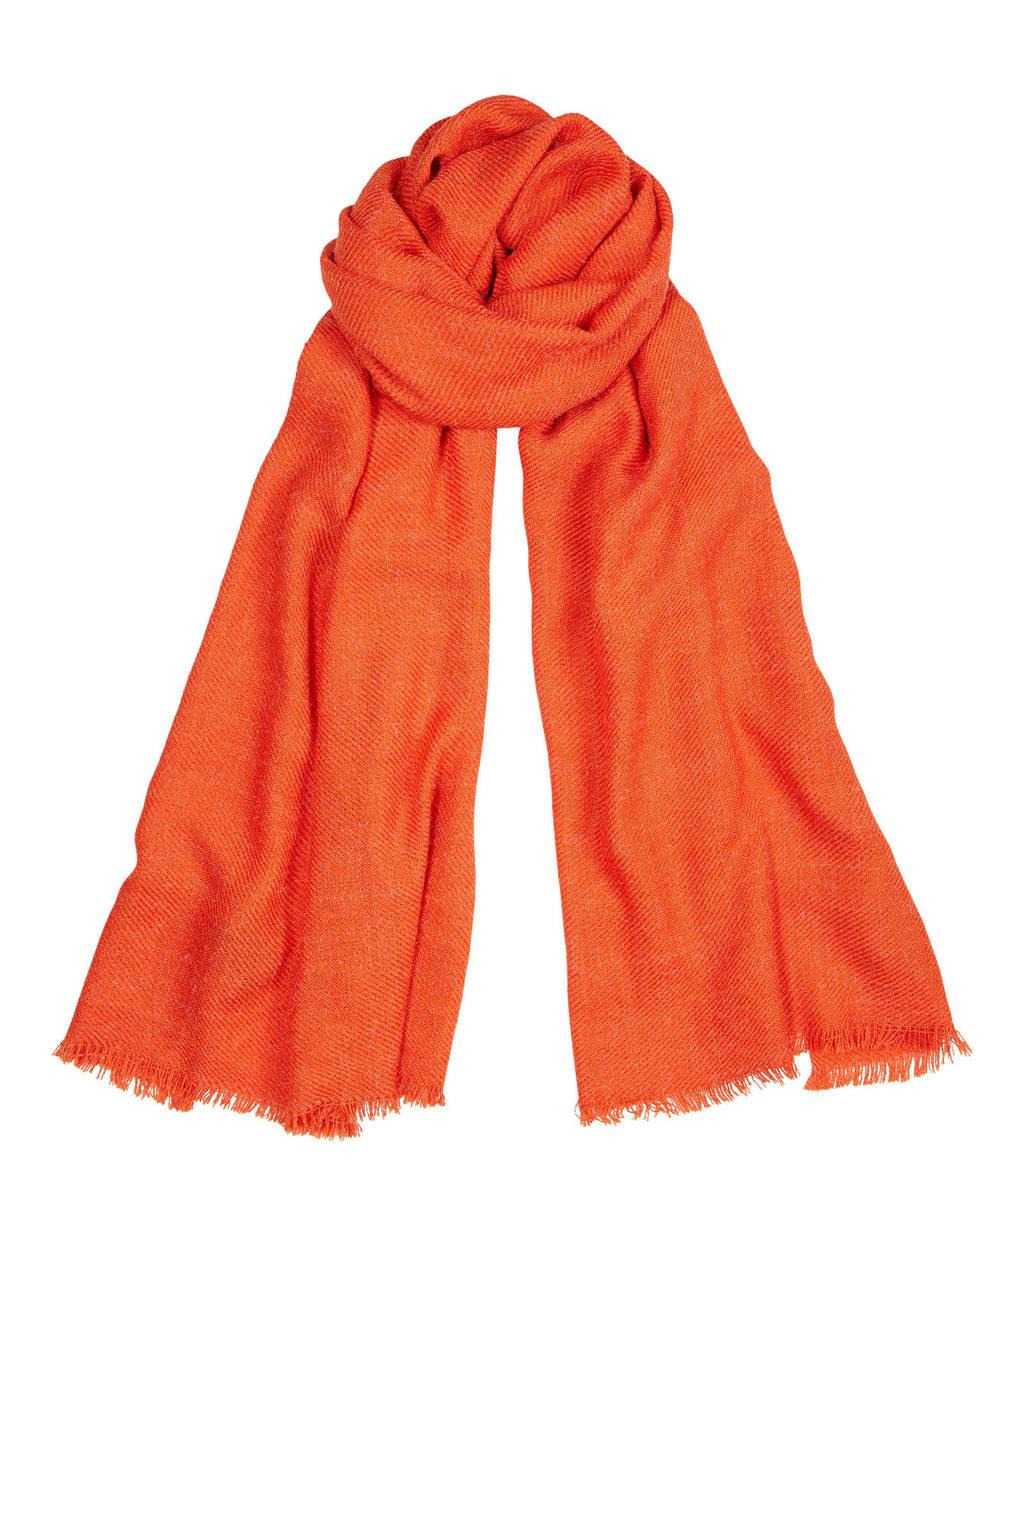 Super korting goedkoopste outlet te koop sjaal oranje